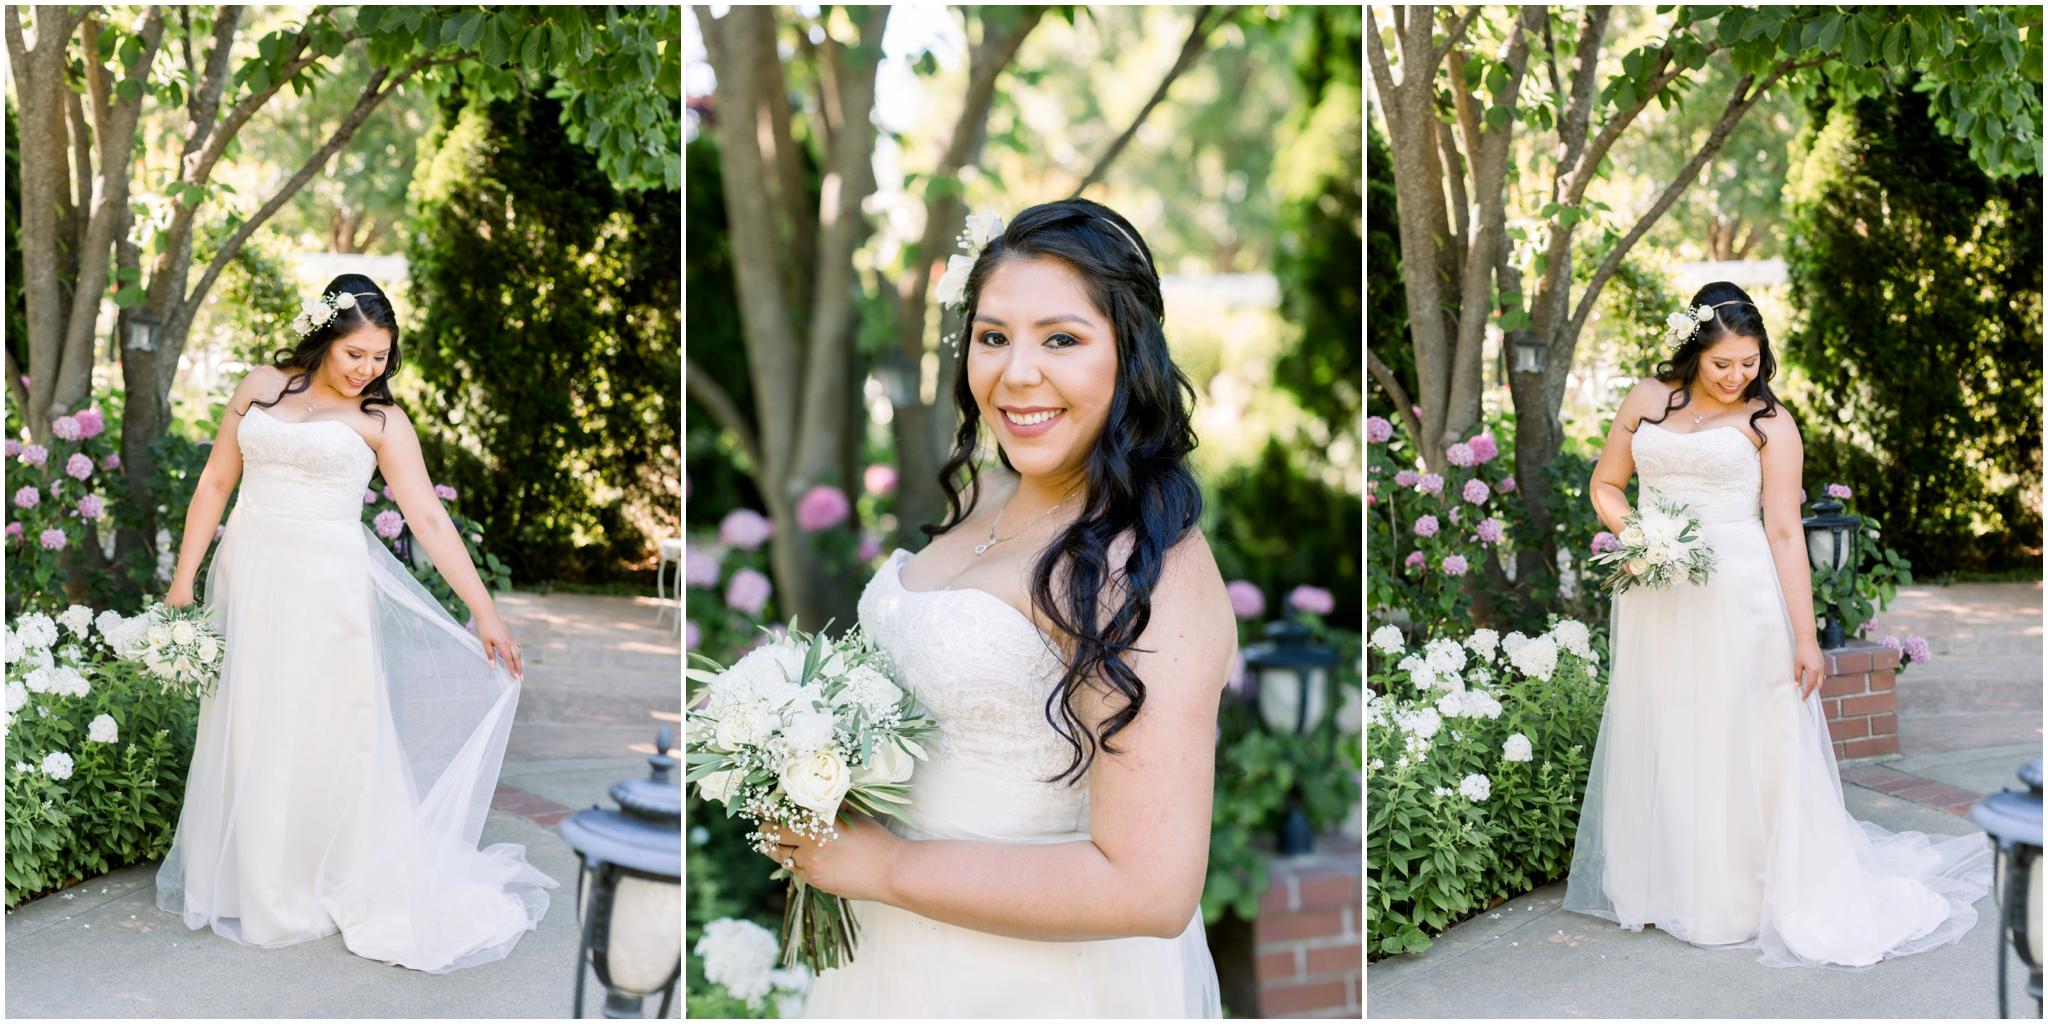 karla_spencer_wedding_blog_0006.jpg